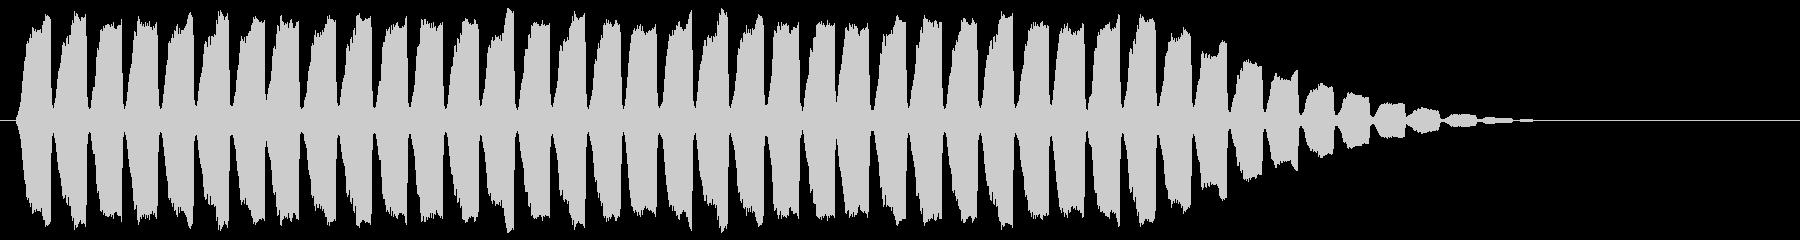 「サイレン」救急車/緊急_000の未再生の波形